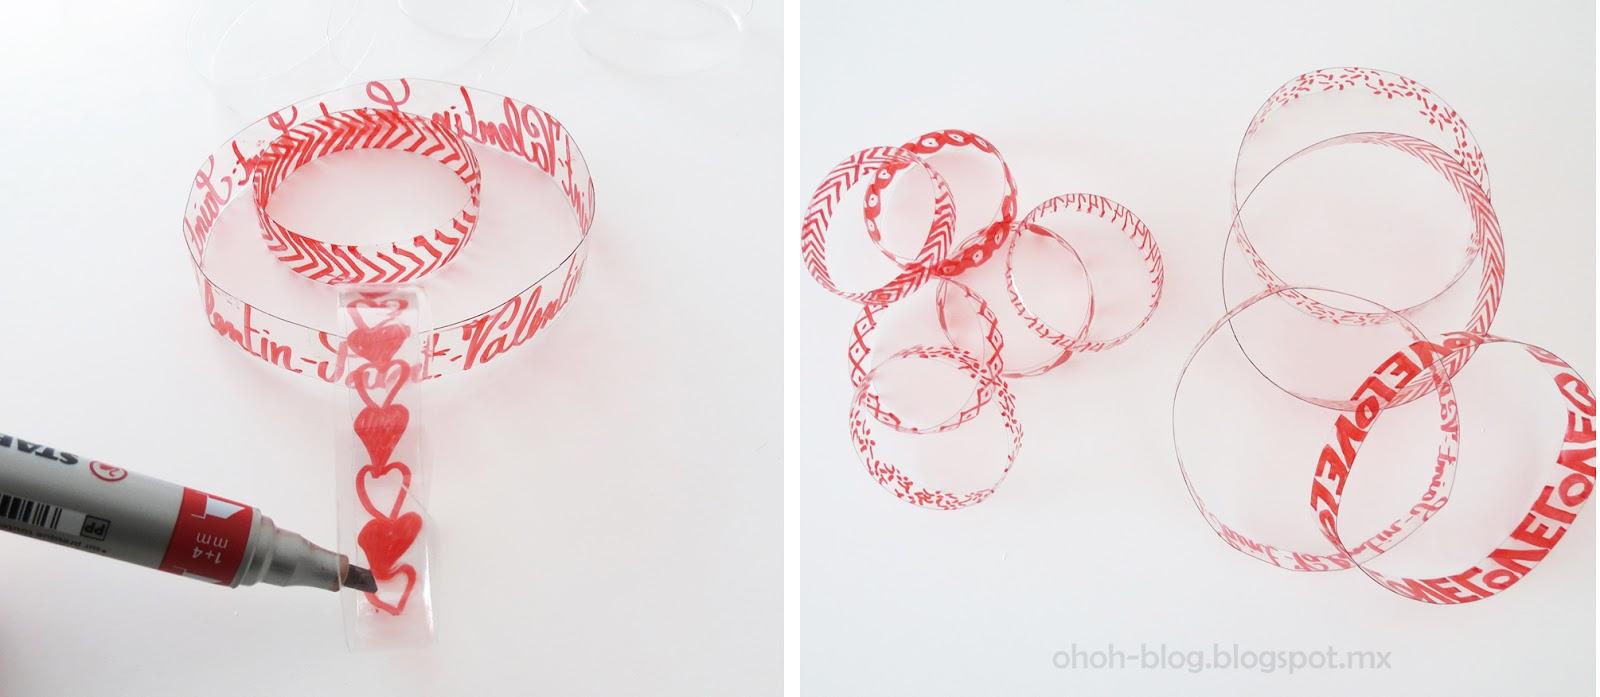 Lindo colgante de corazones manualidades para san valentin un mundo de manualidades - Manualidades para hacer en san valentin ...